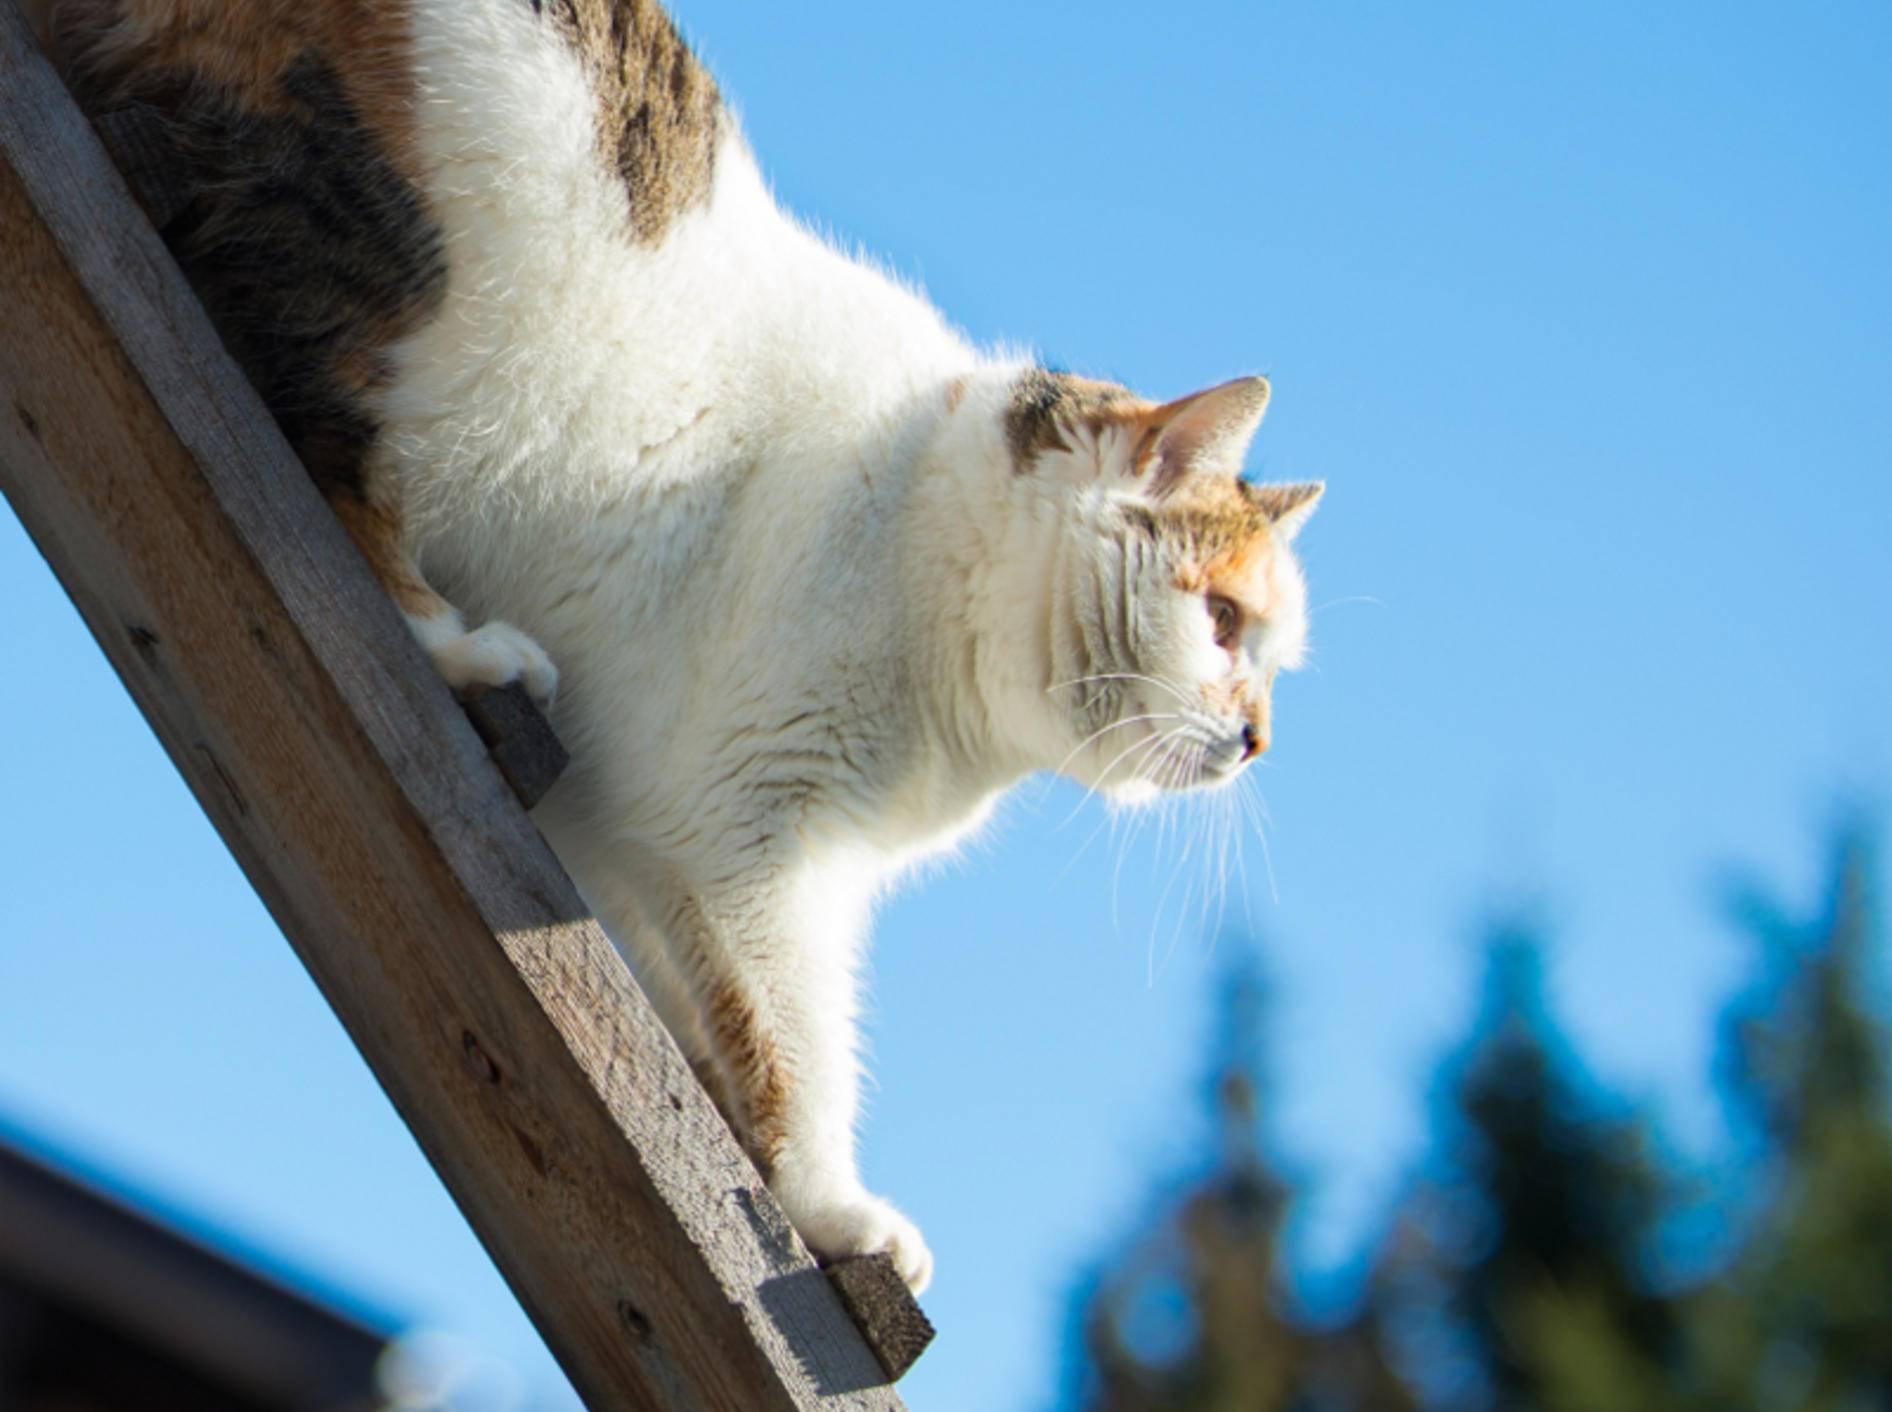 Diese Miez klettert geschickt eine einfache Katzenleiter hinunter – Shutterstock / ASchindl